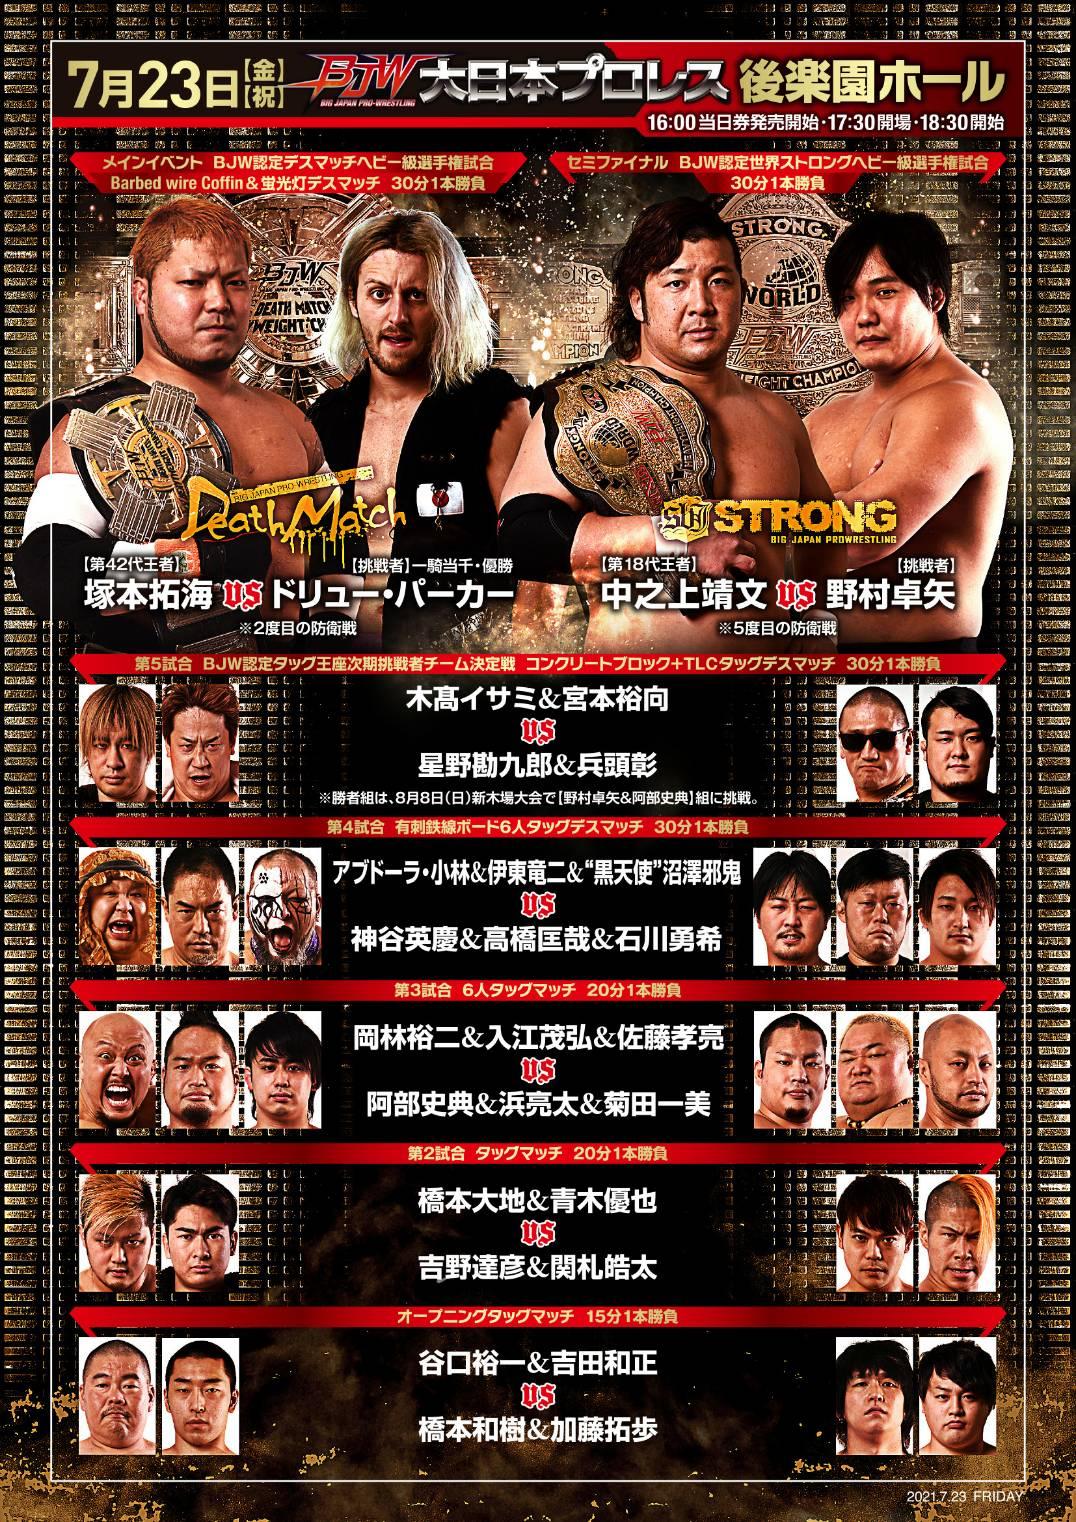 「シングル二大タイトルマッチ」東京・後楽園ホール大会※新型コロナウィルス対策座席表でのご案内となります。